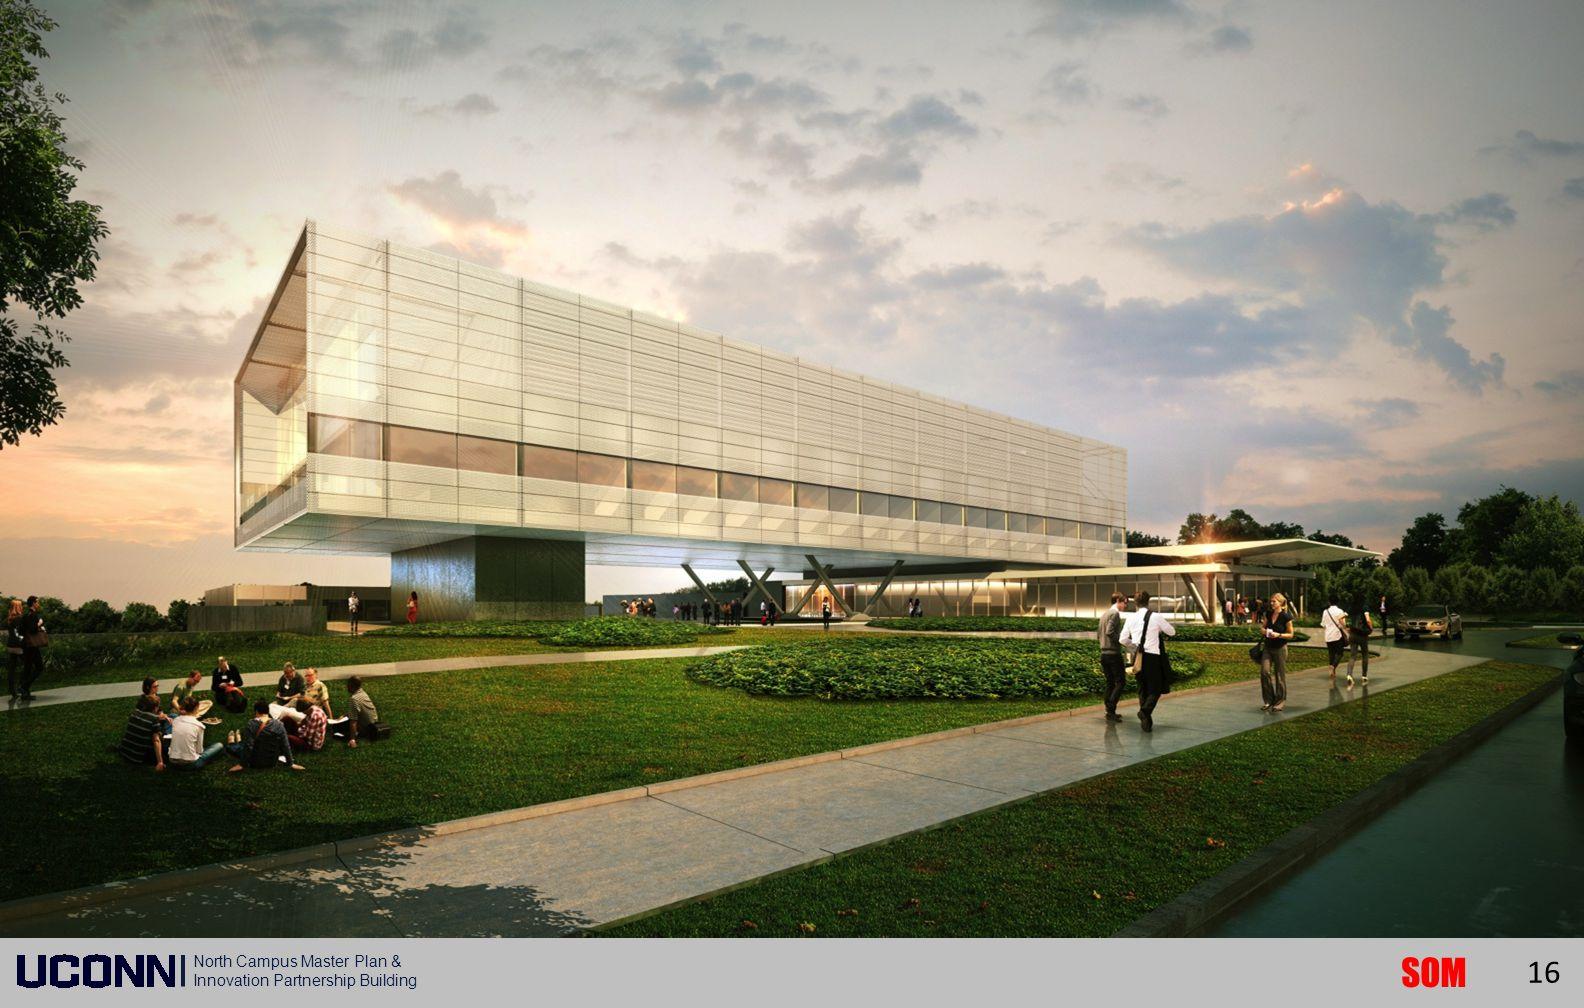 SOM North Campus Master Plan & Innovation Partnership Building 16